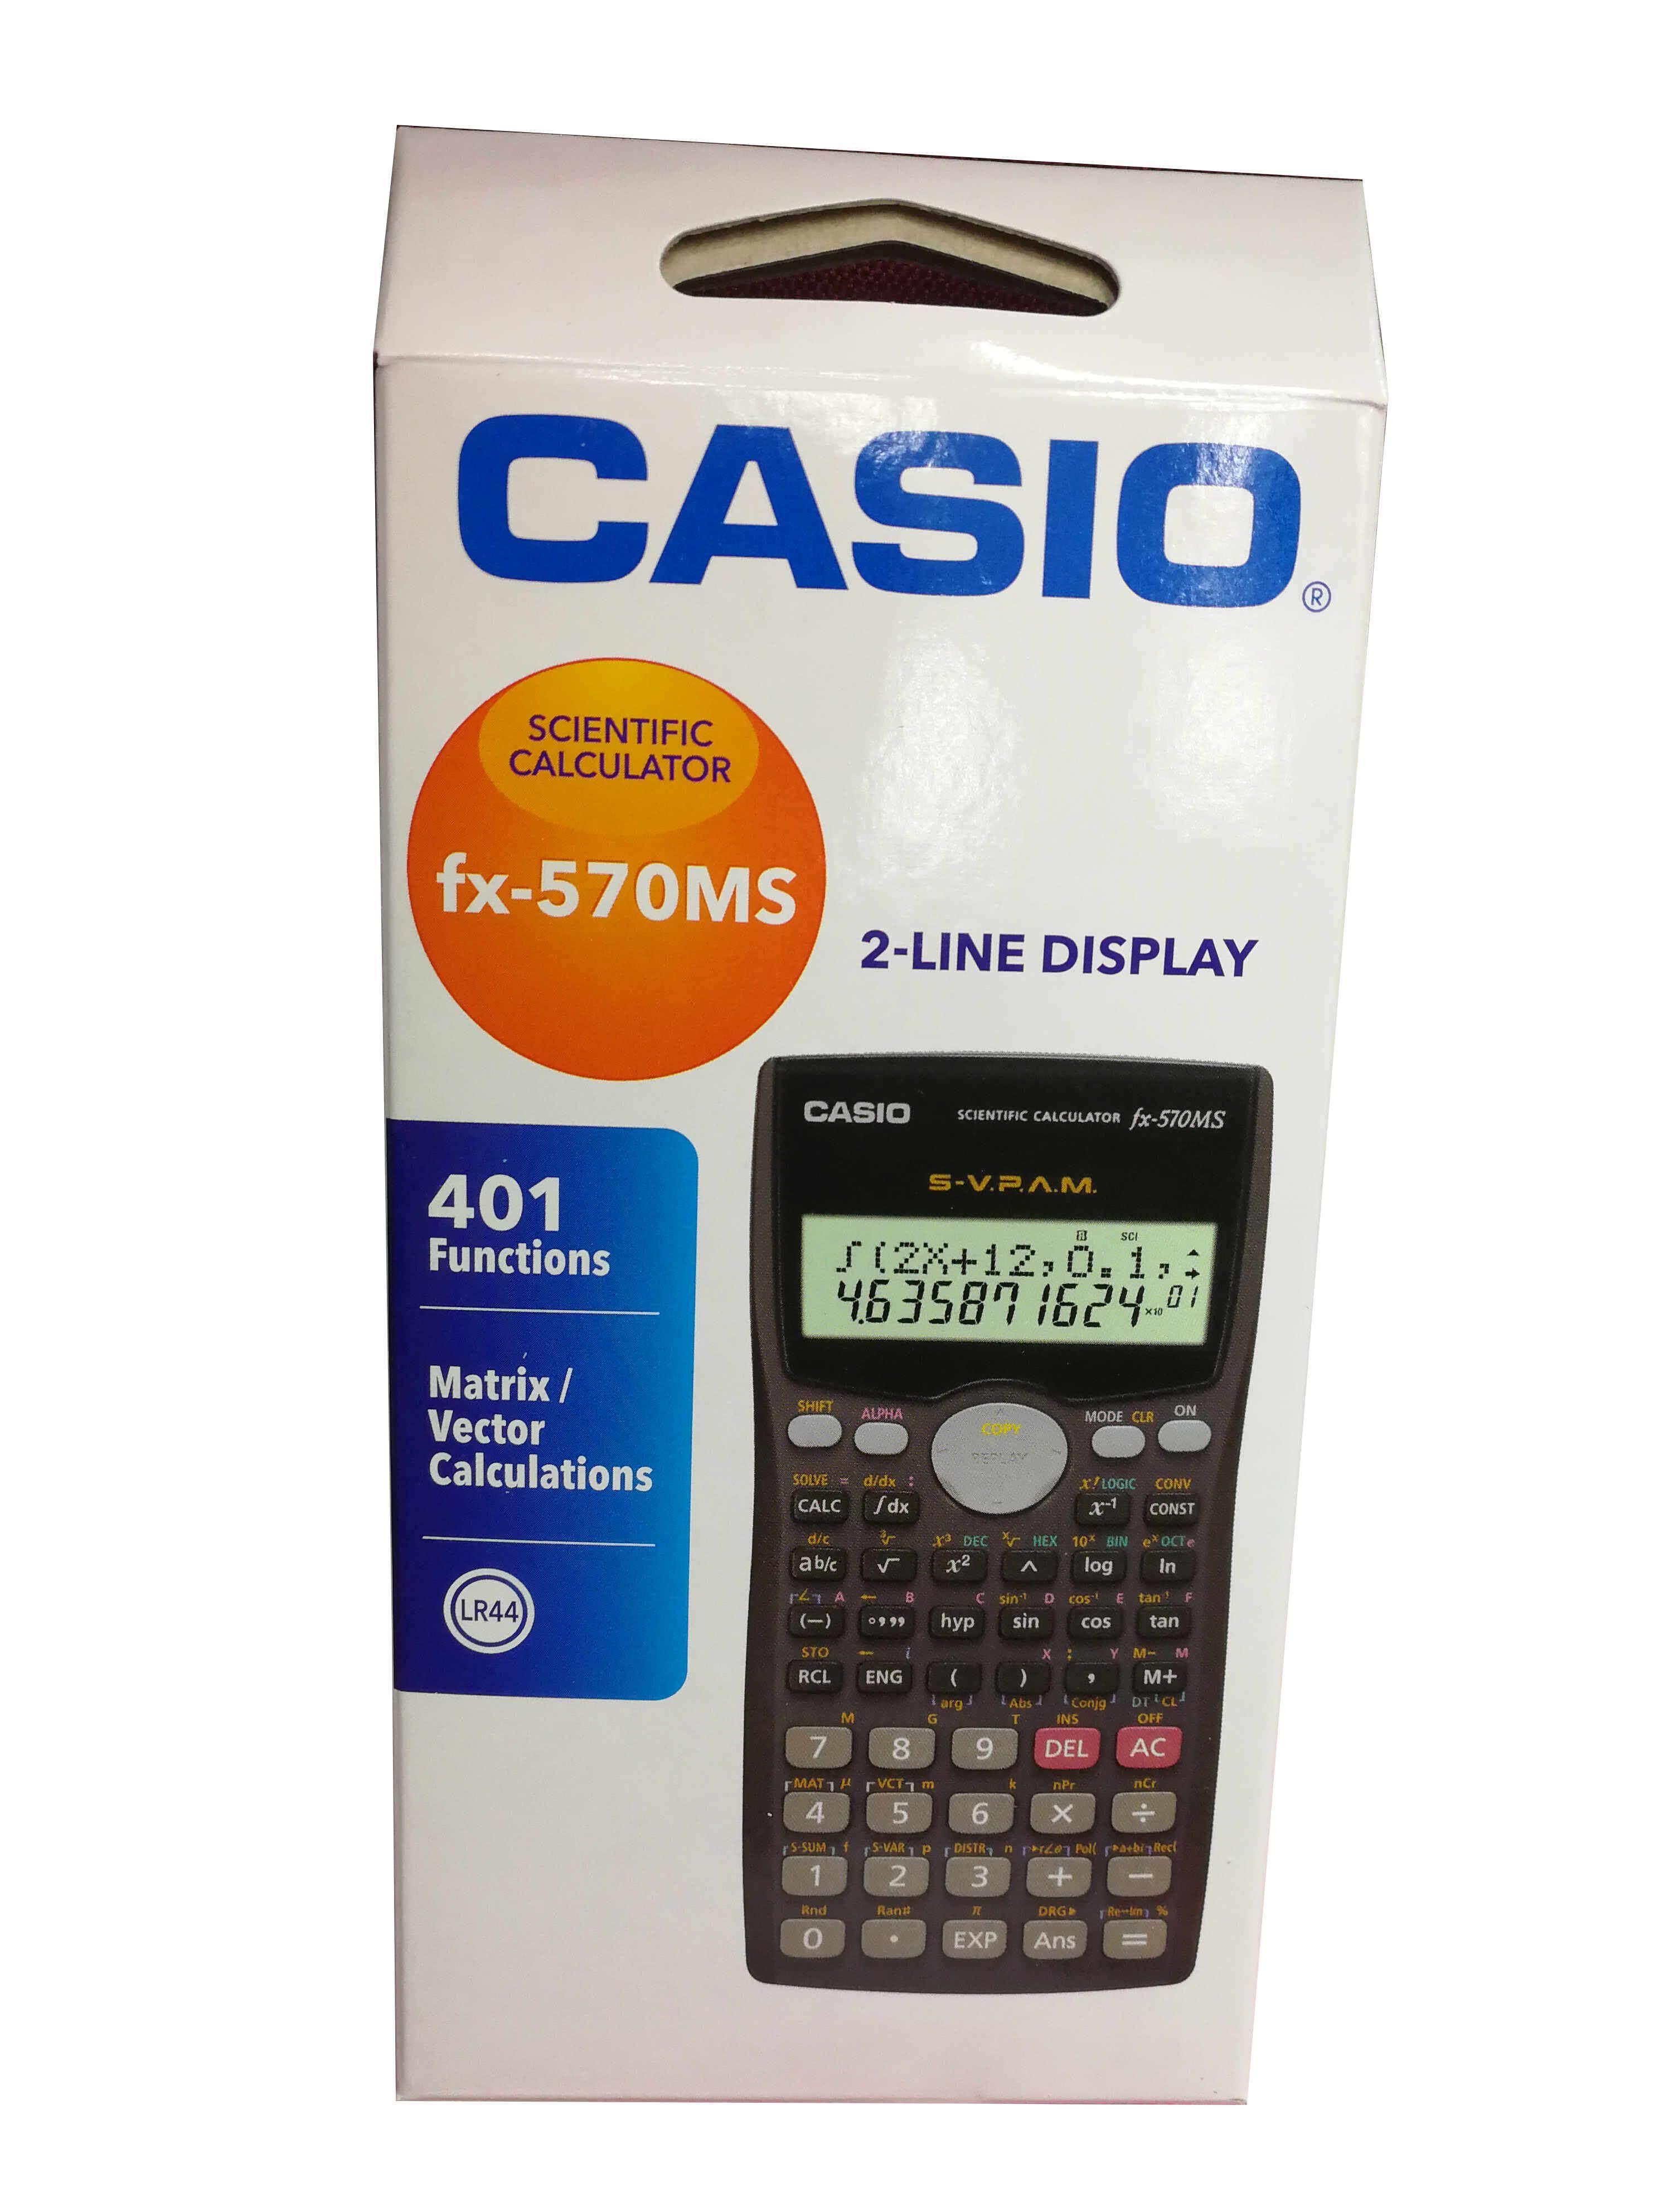 02e802b8a99c Casio fx-570MS Scientific Calculator with 401 Functions